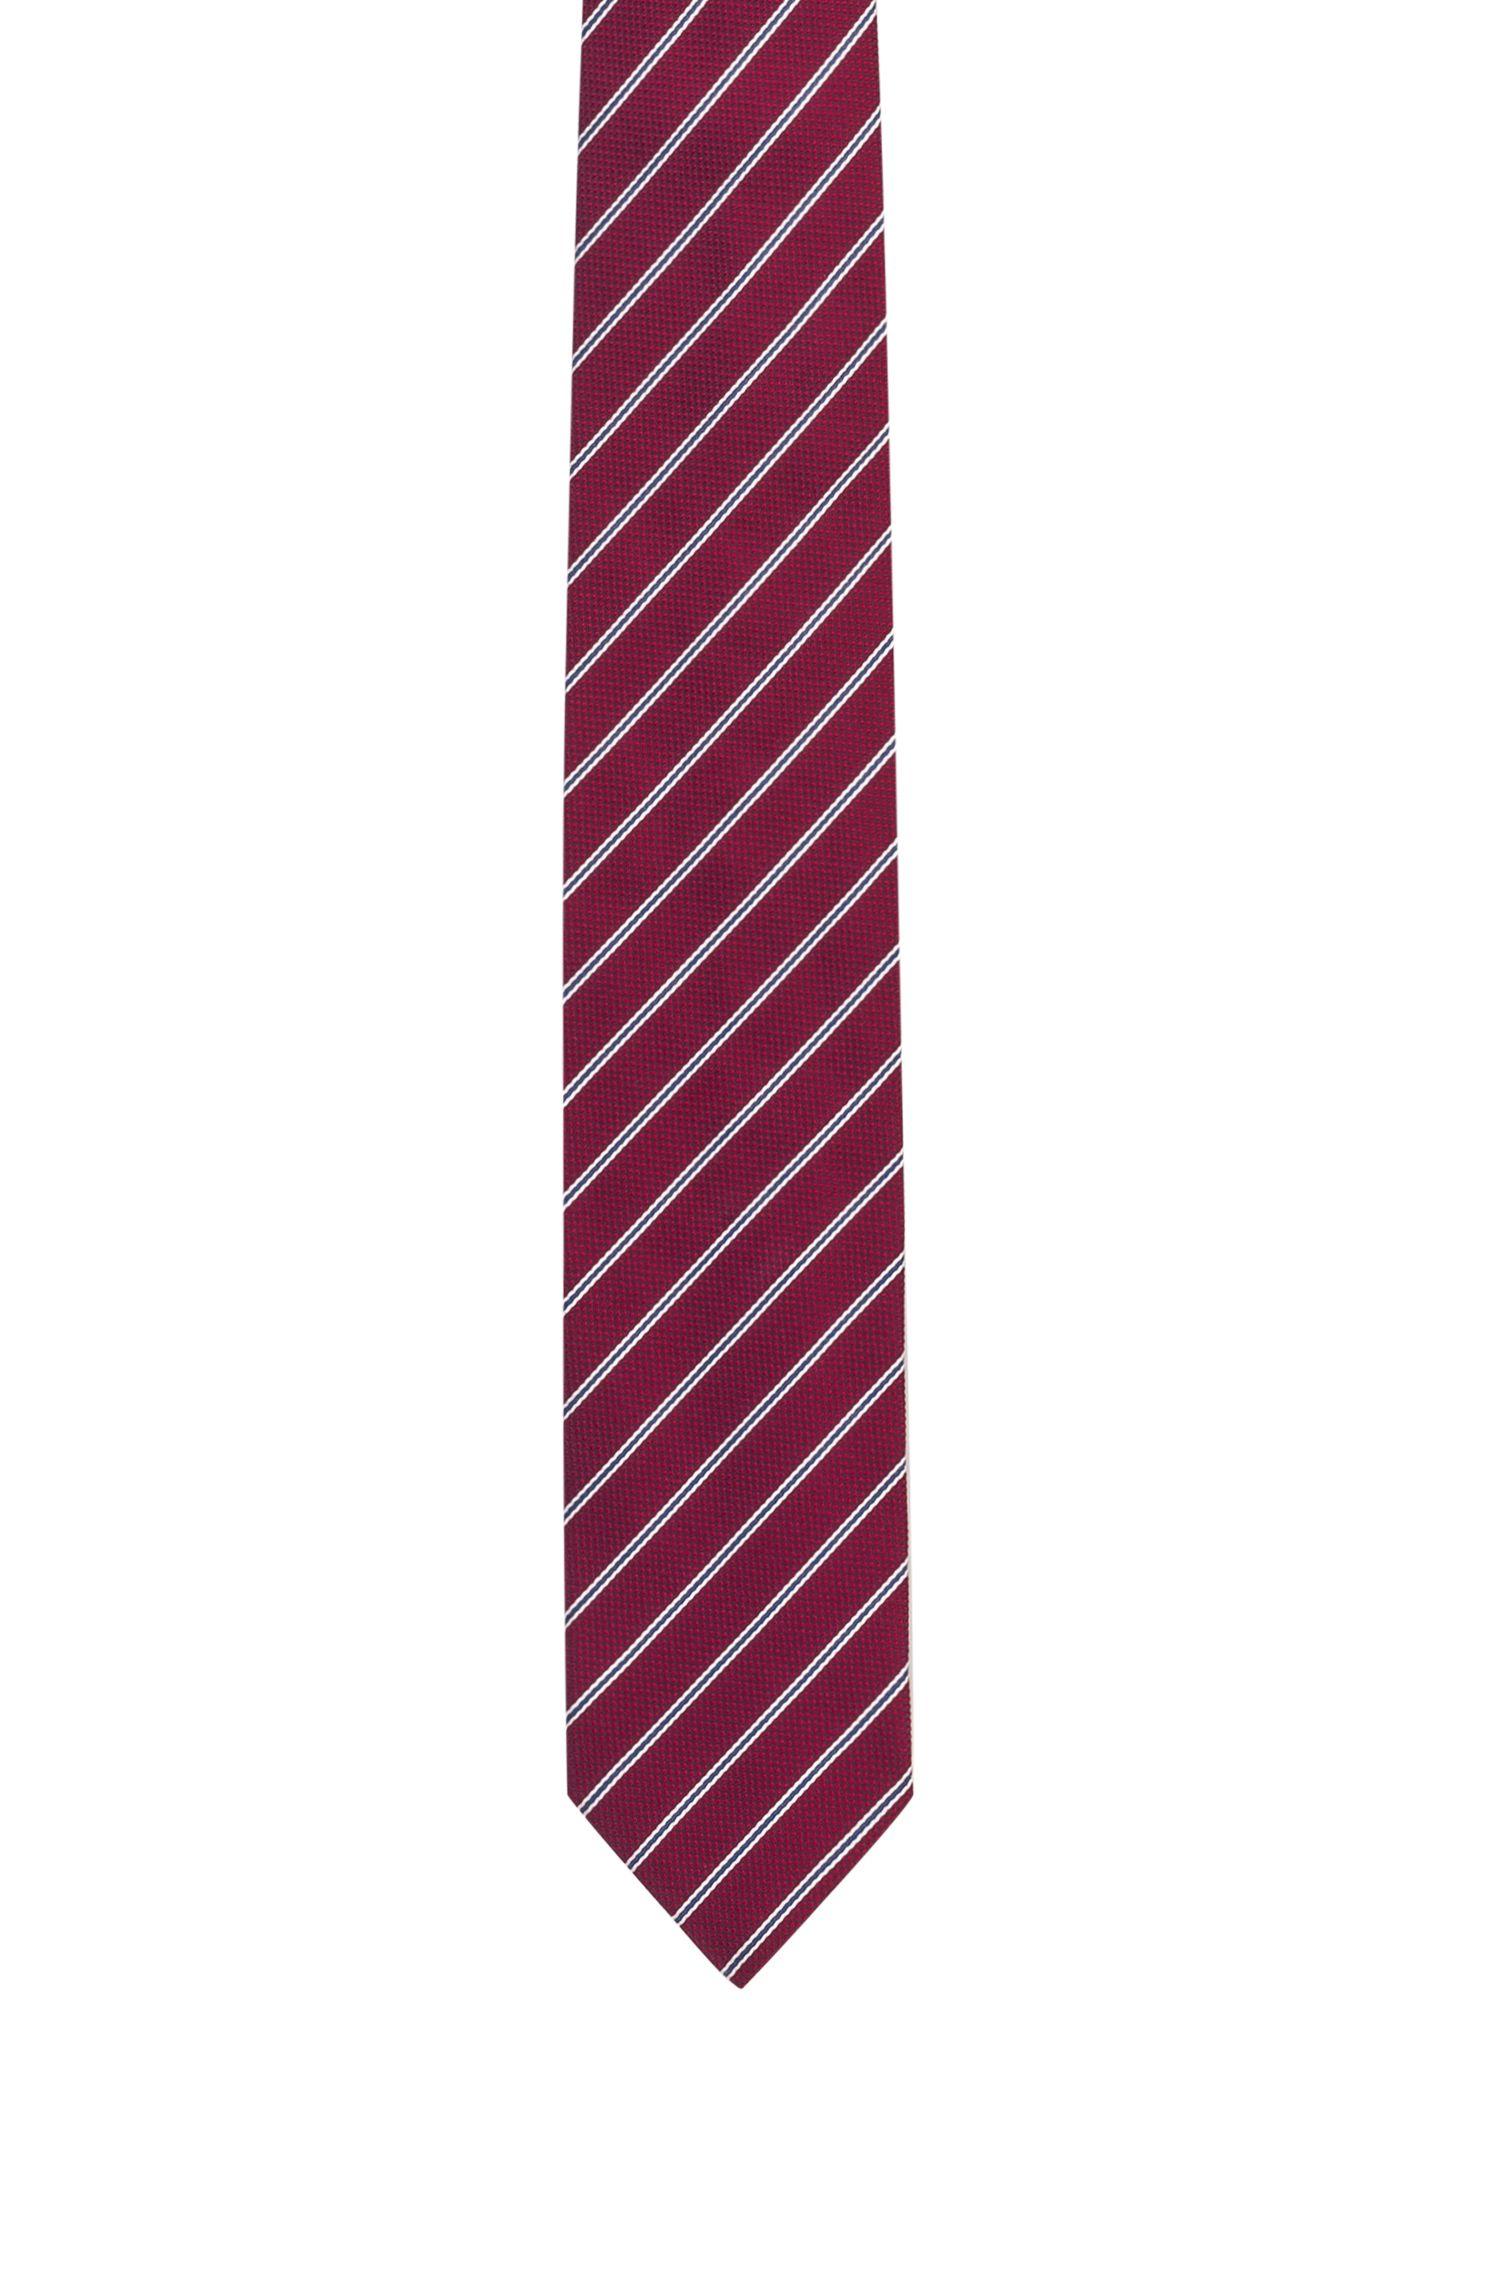 Cravate en jacquard de soie à rayures en diagonale, Rouge